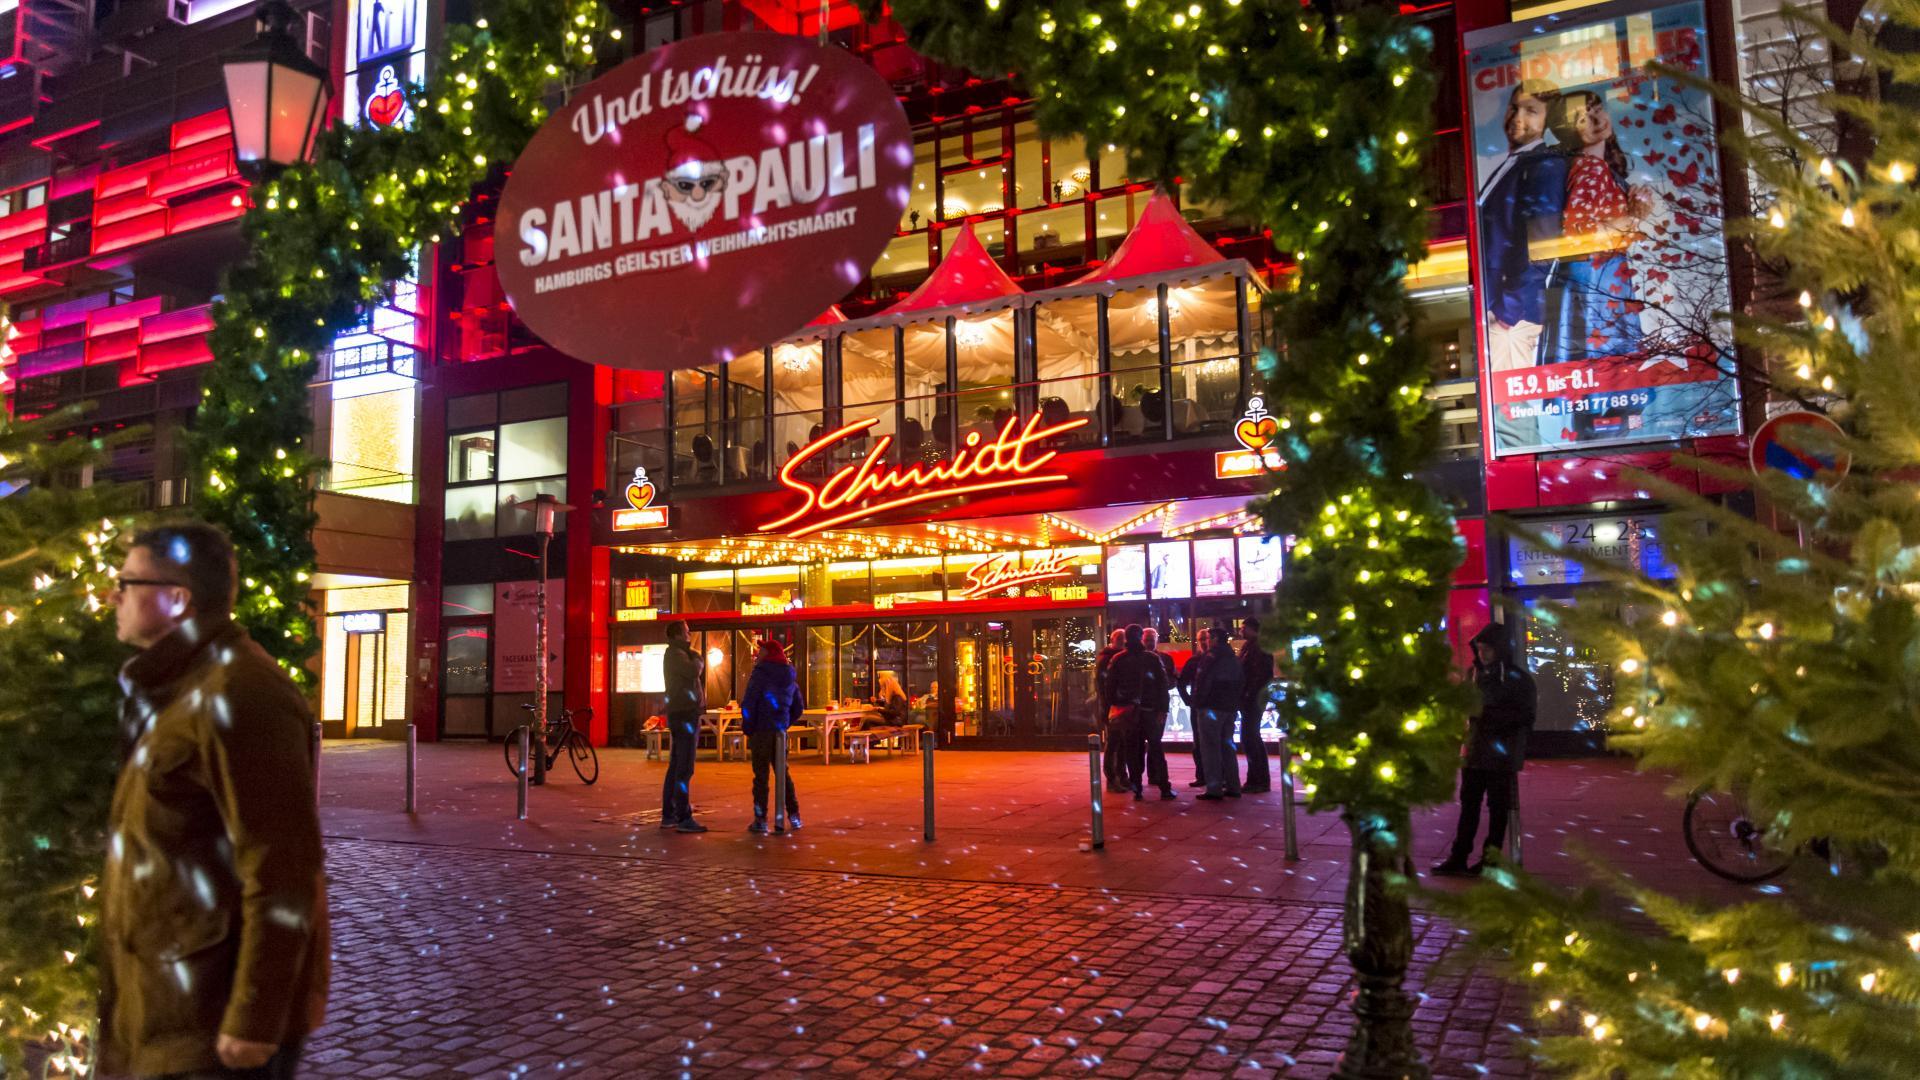 St. Pauli Weihnachtsmarkt